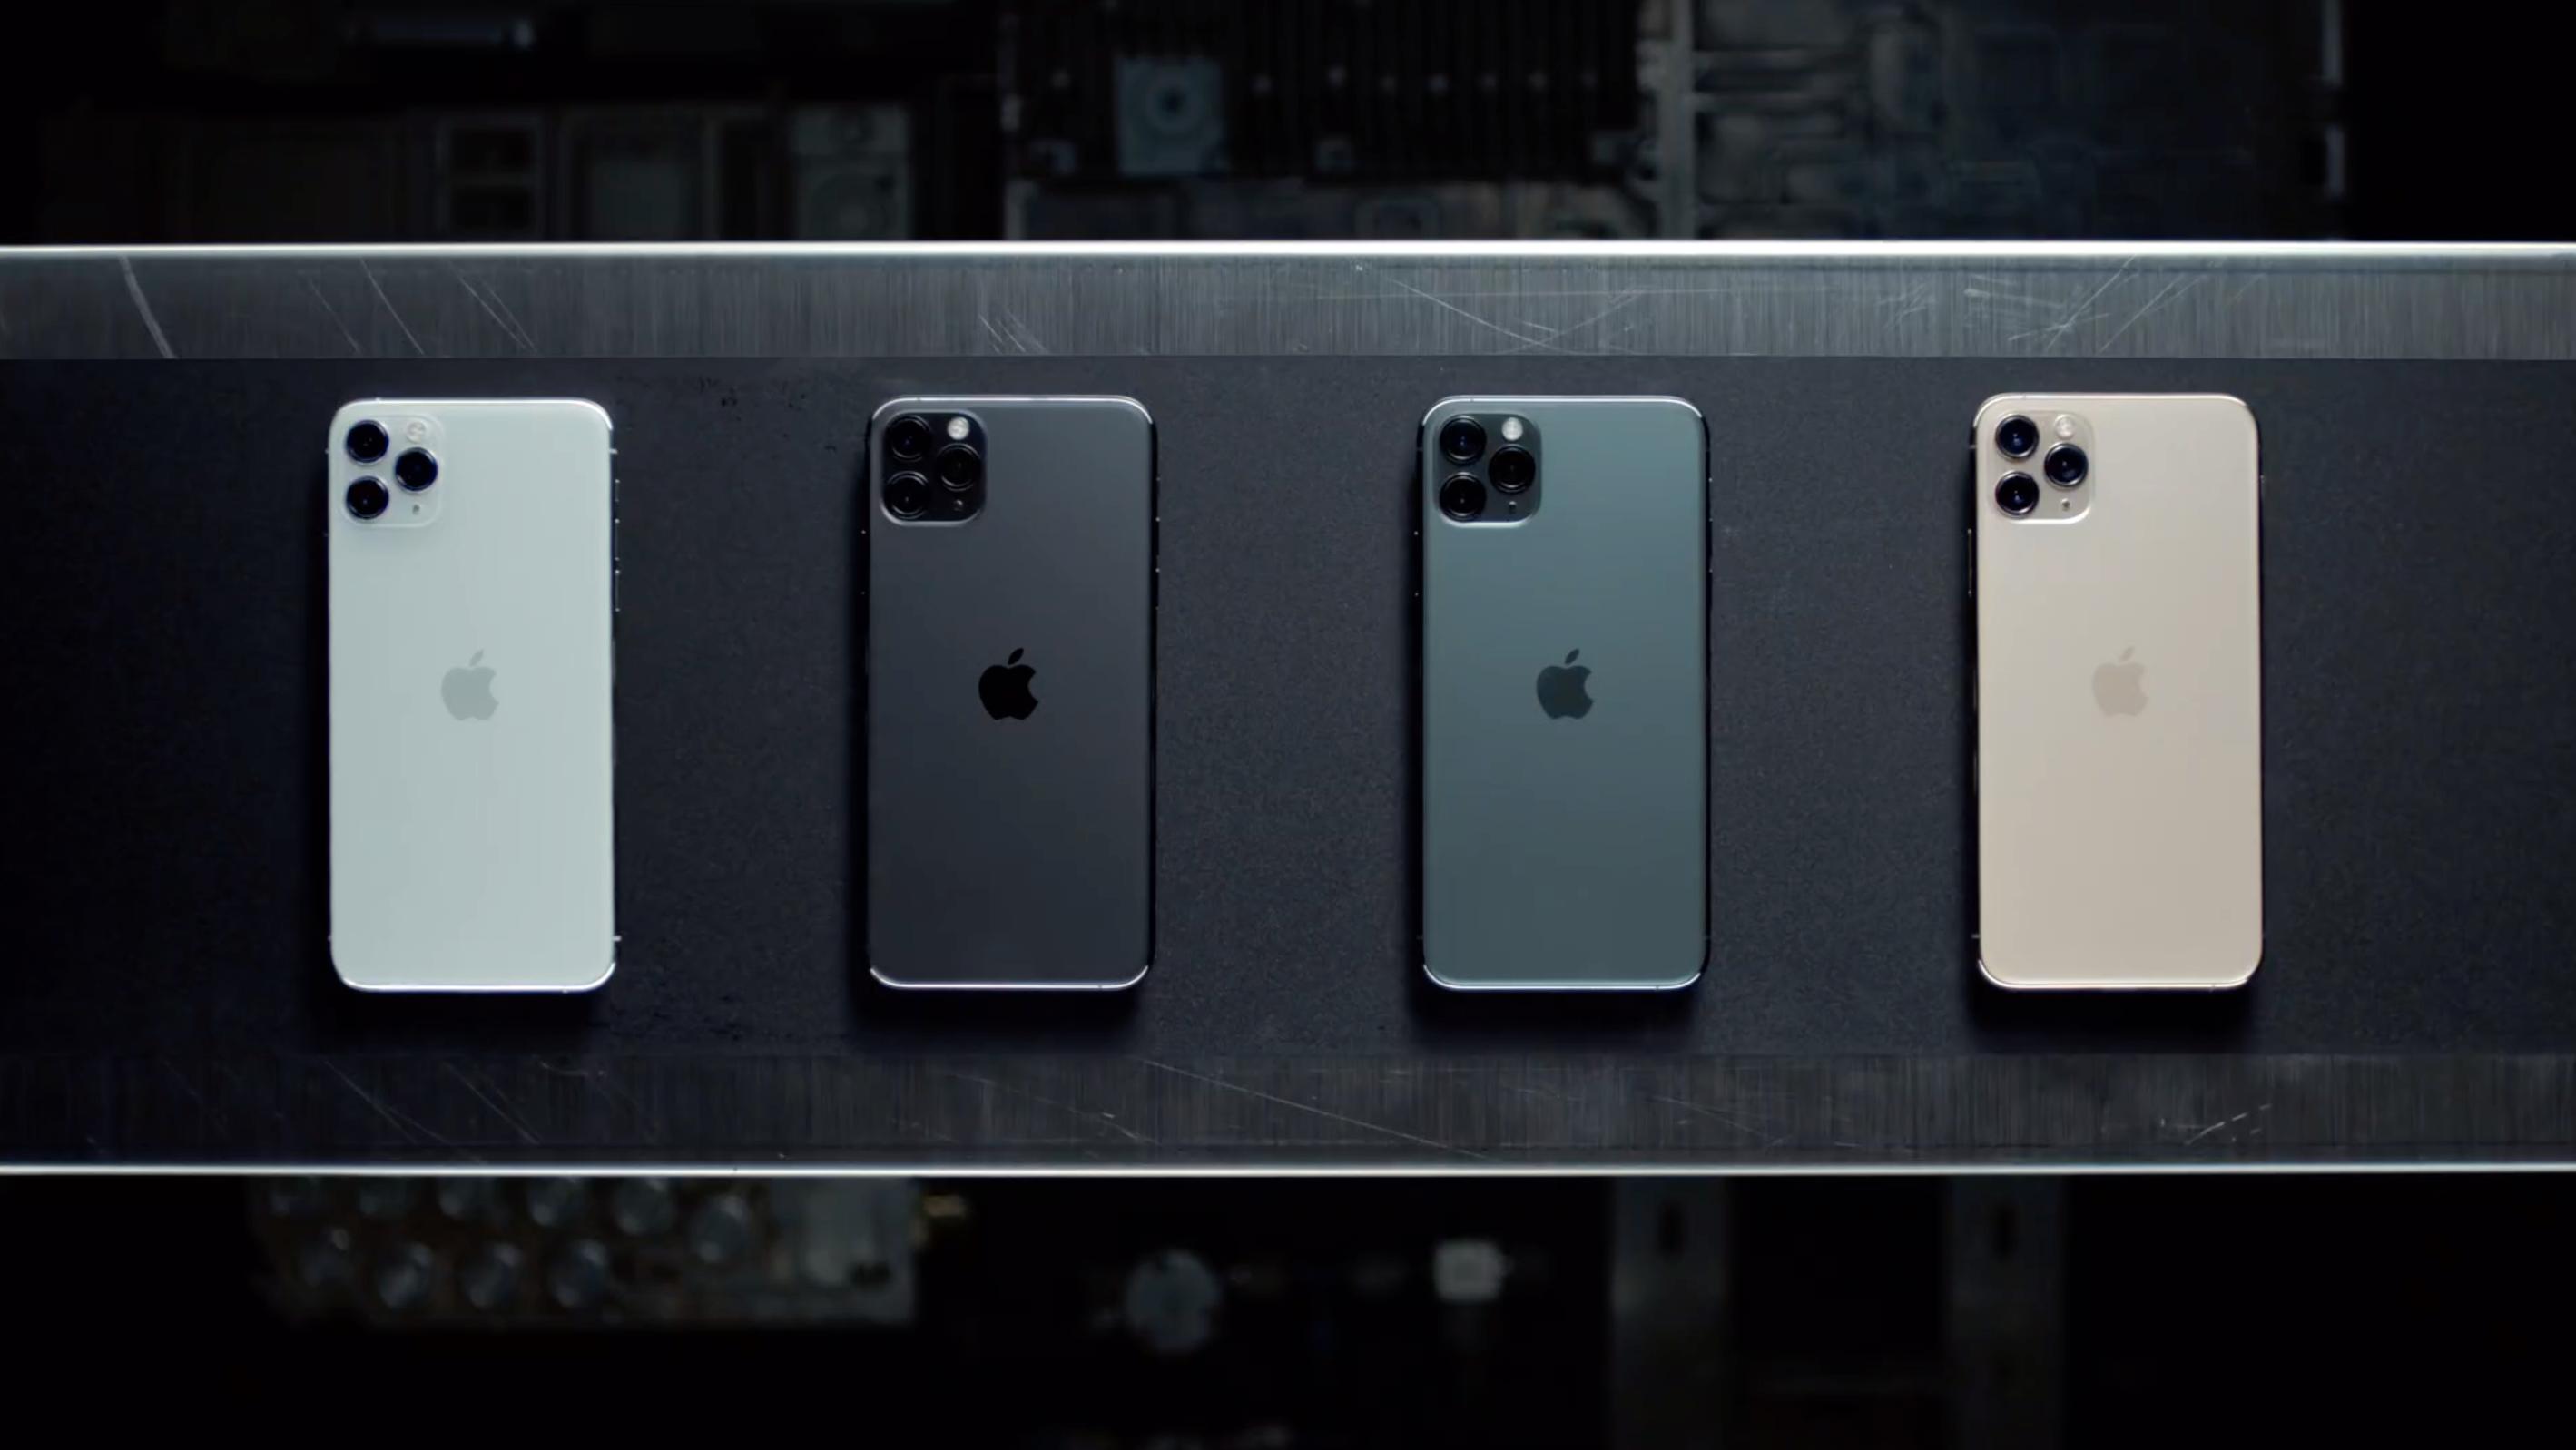 iPhone 11 Pro i fire forskjellige fargevarianter.